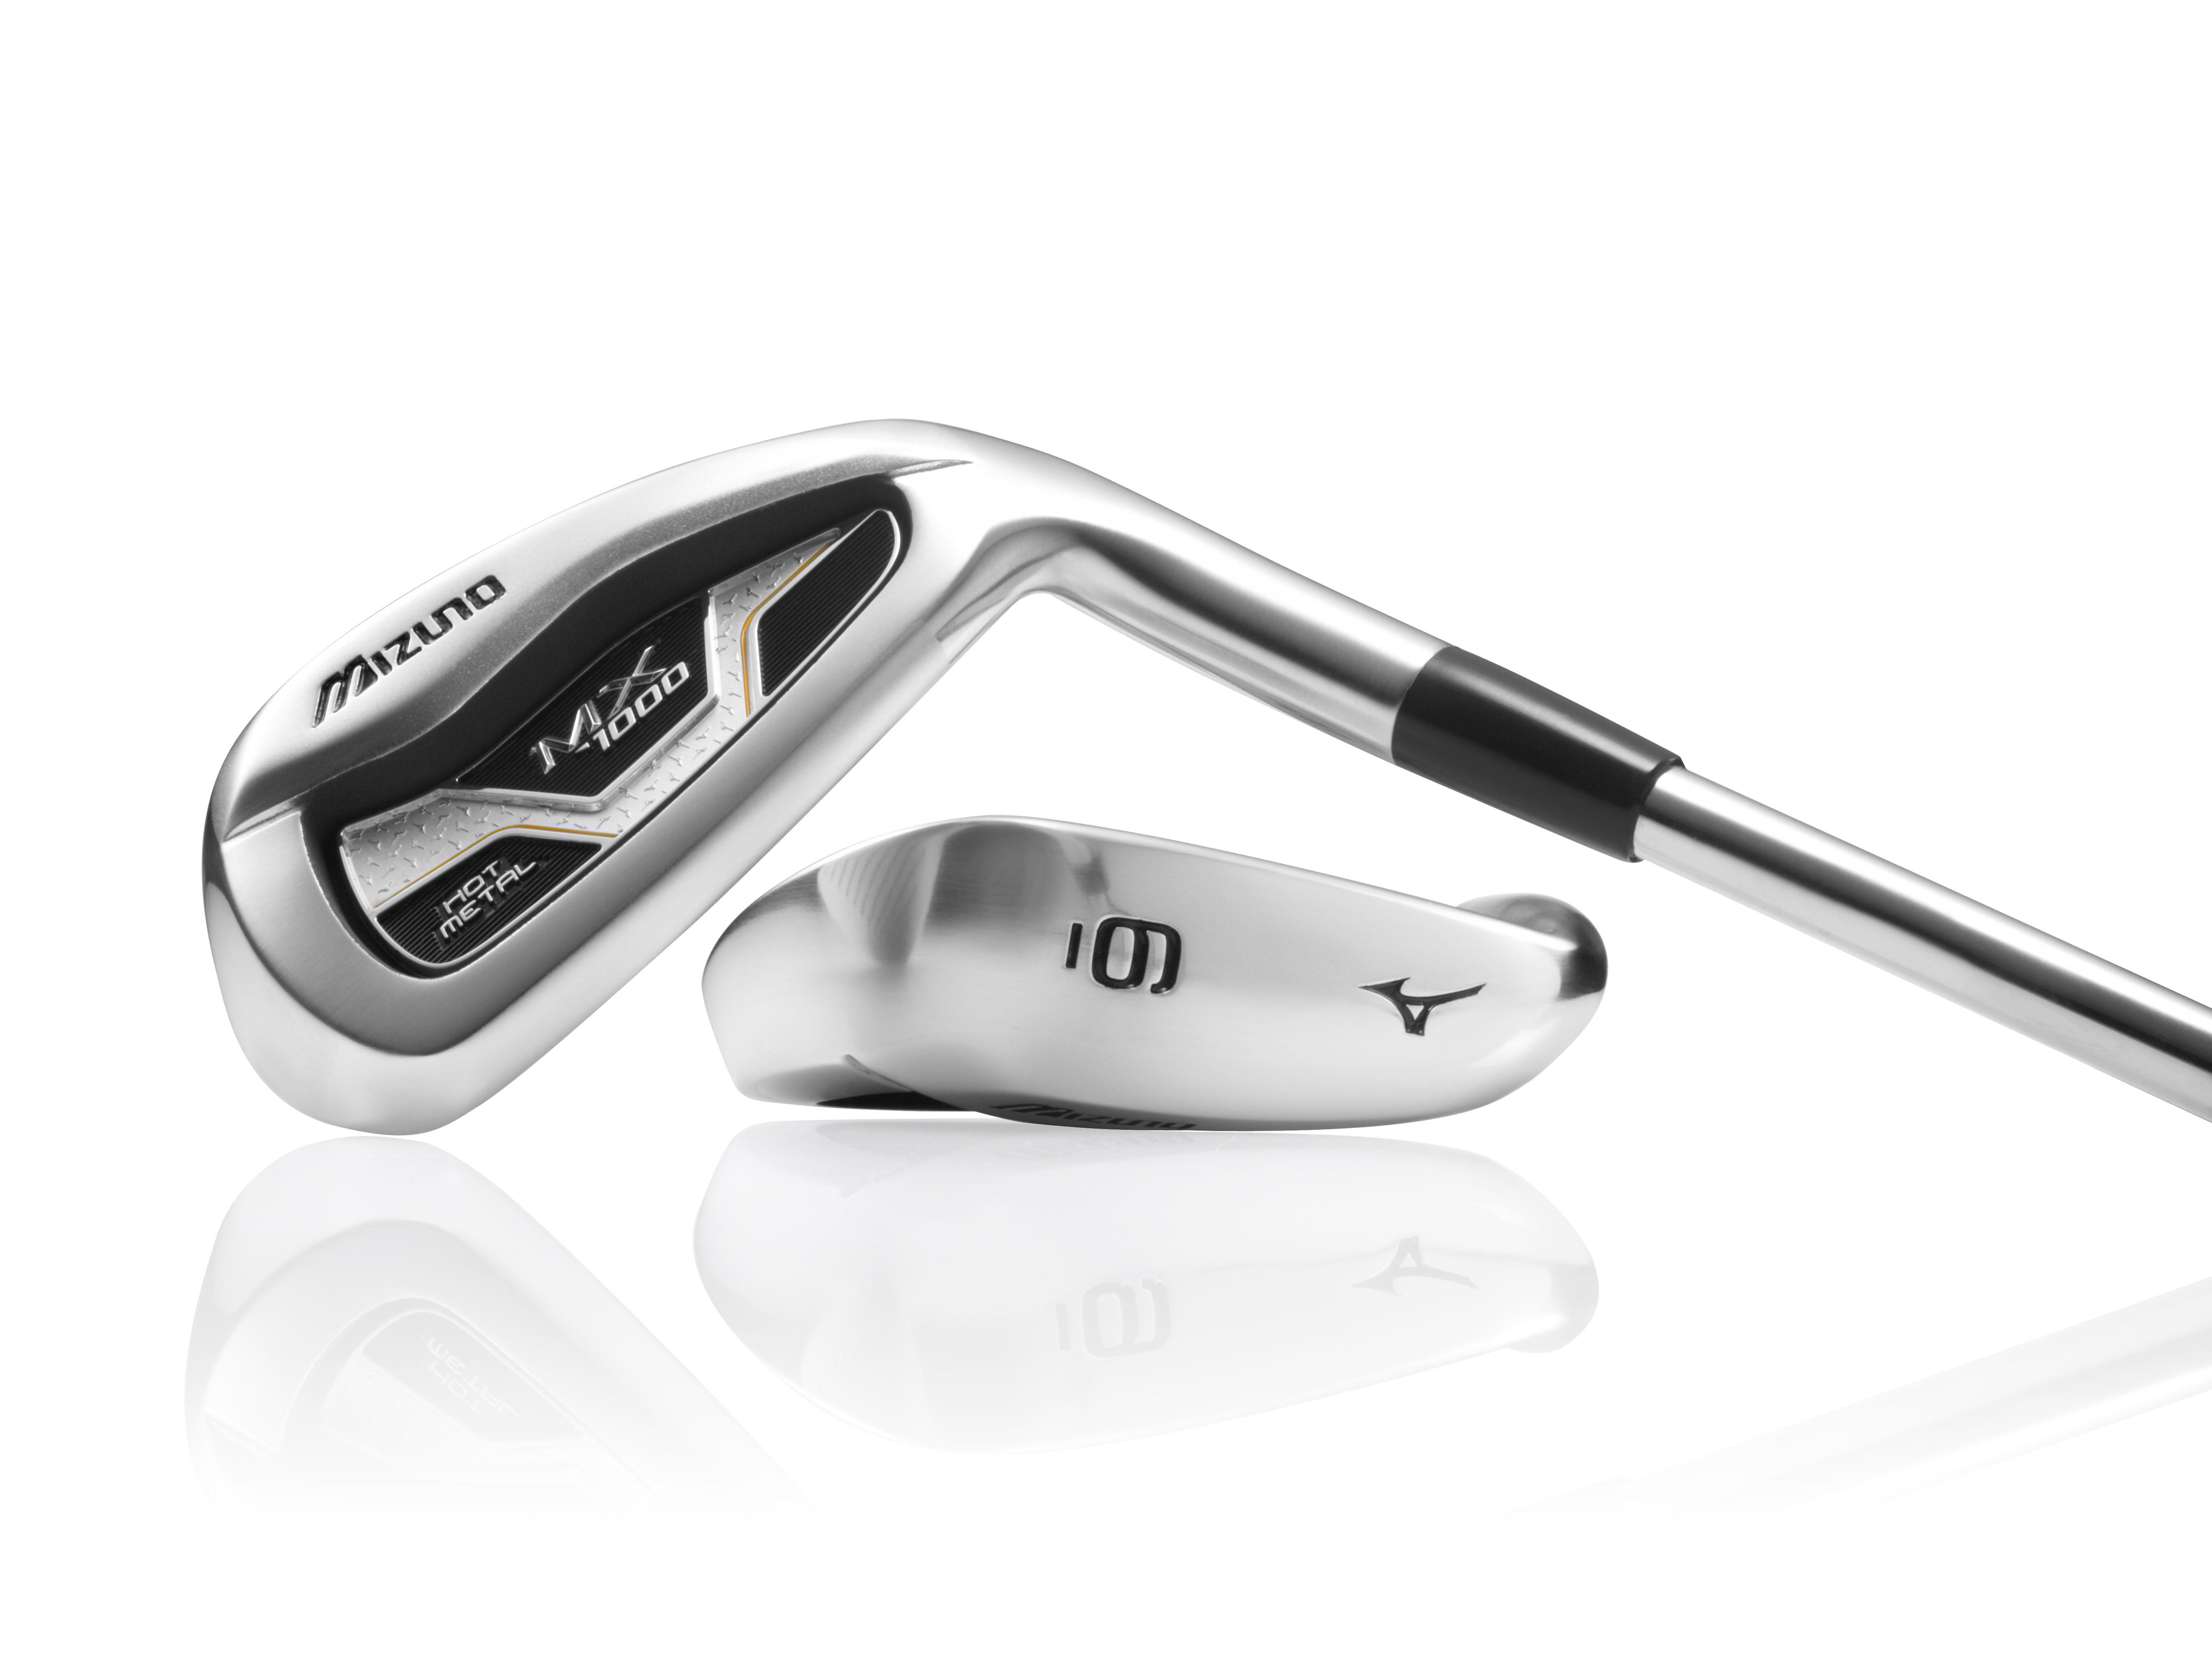 Mizuno MX-1000 Golf Club